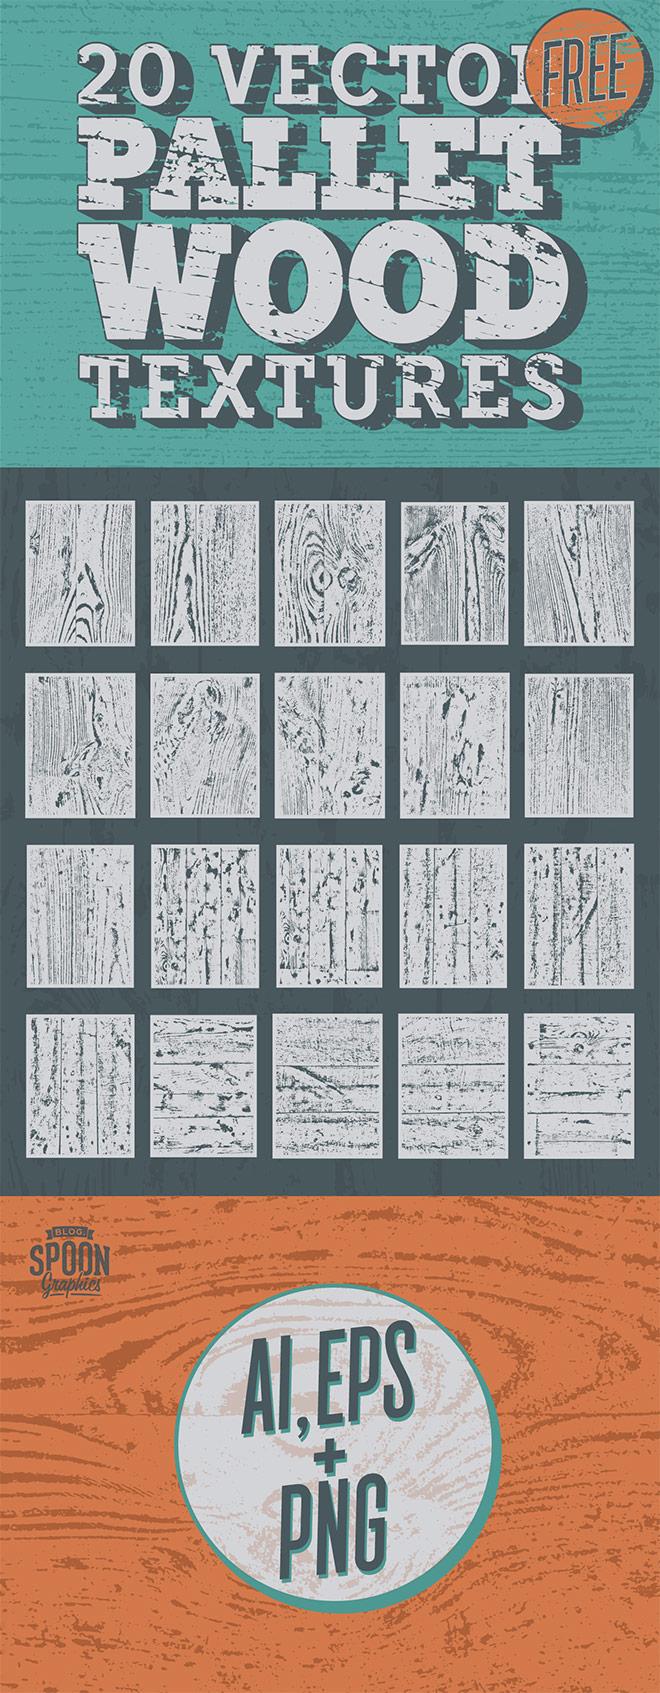 20种复古矢量木板纹理效果图案PS素材免费下载(含ESP、Ai、JPG等格式)